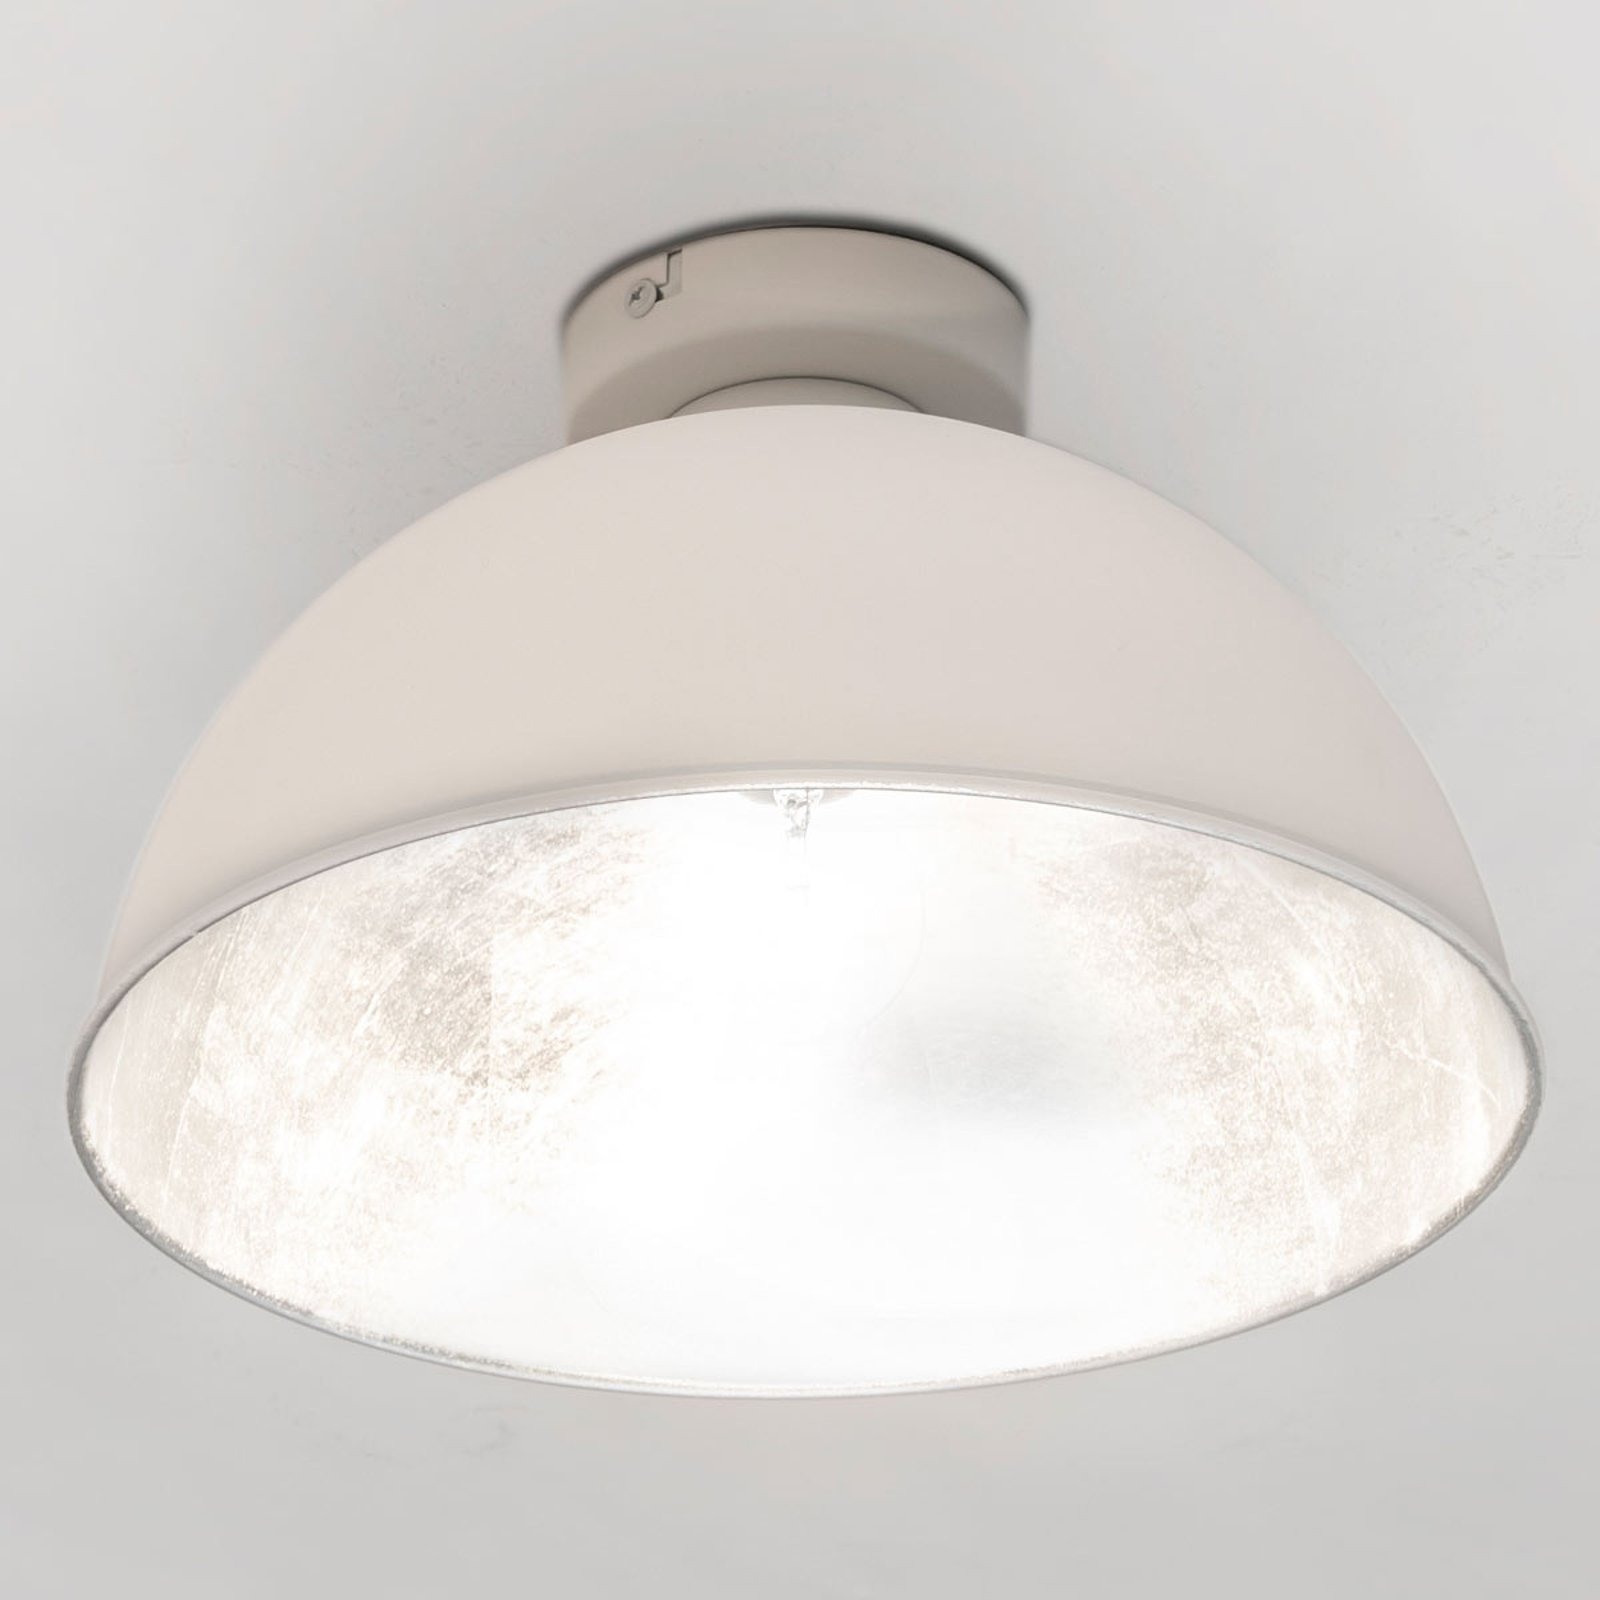 Industriell preget taklampe Jimmy, hvit/sølv